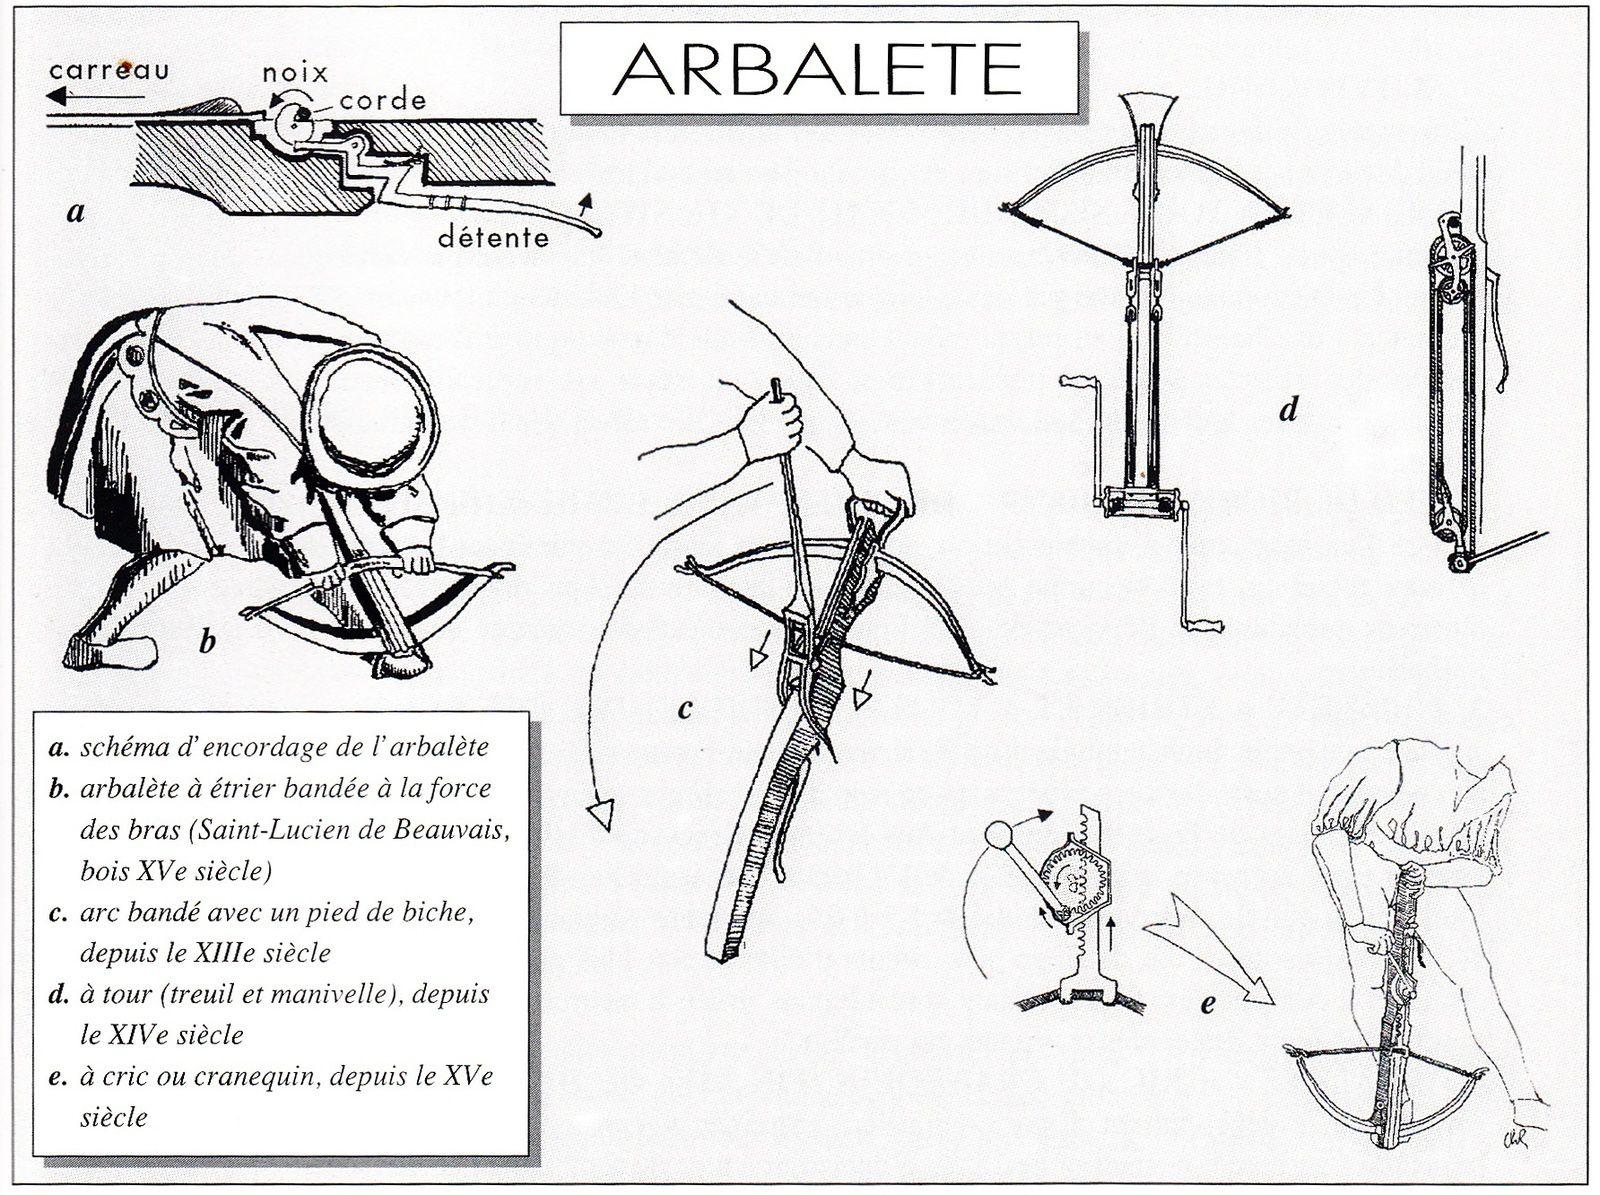 Le carreau d'arbalète d'André,  trouvé au Rathsamhausen